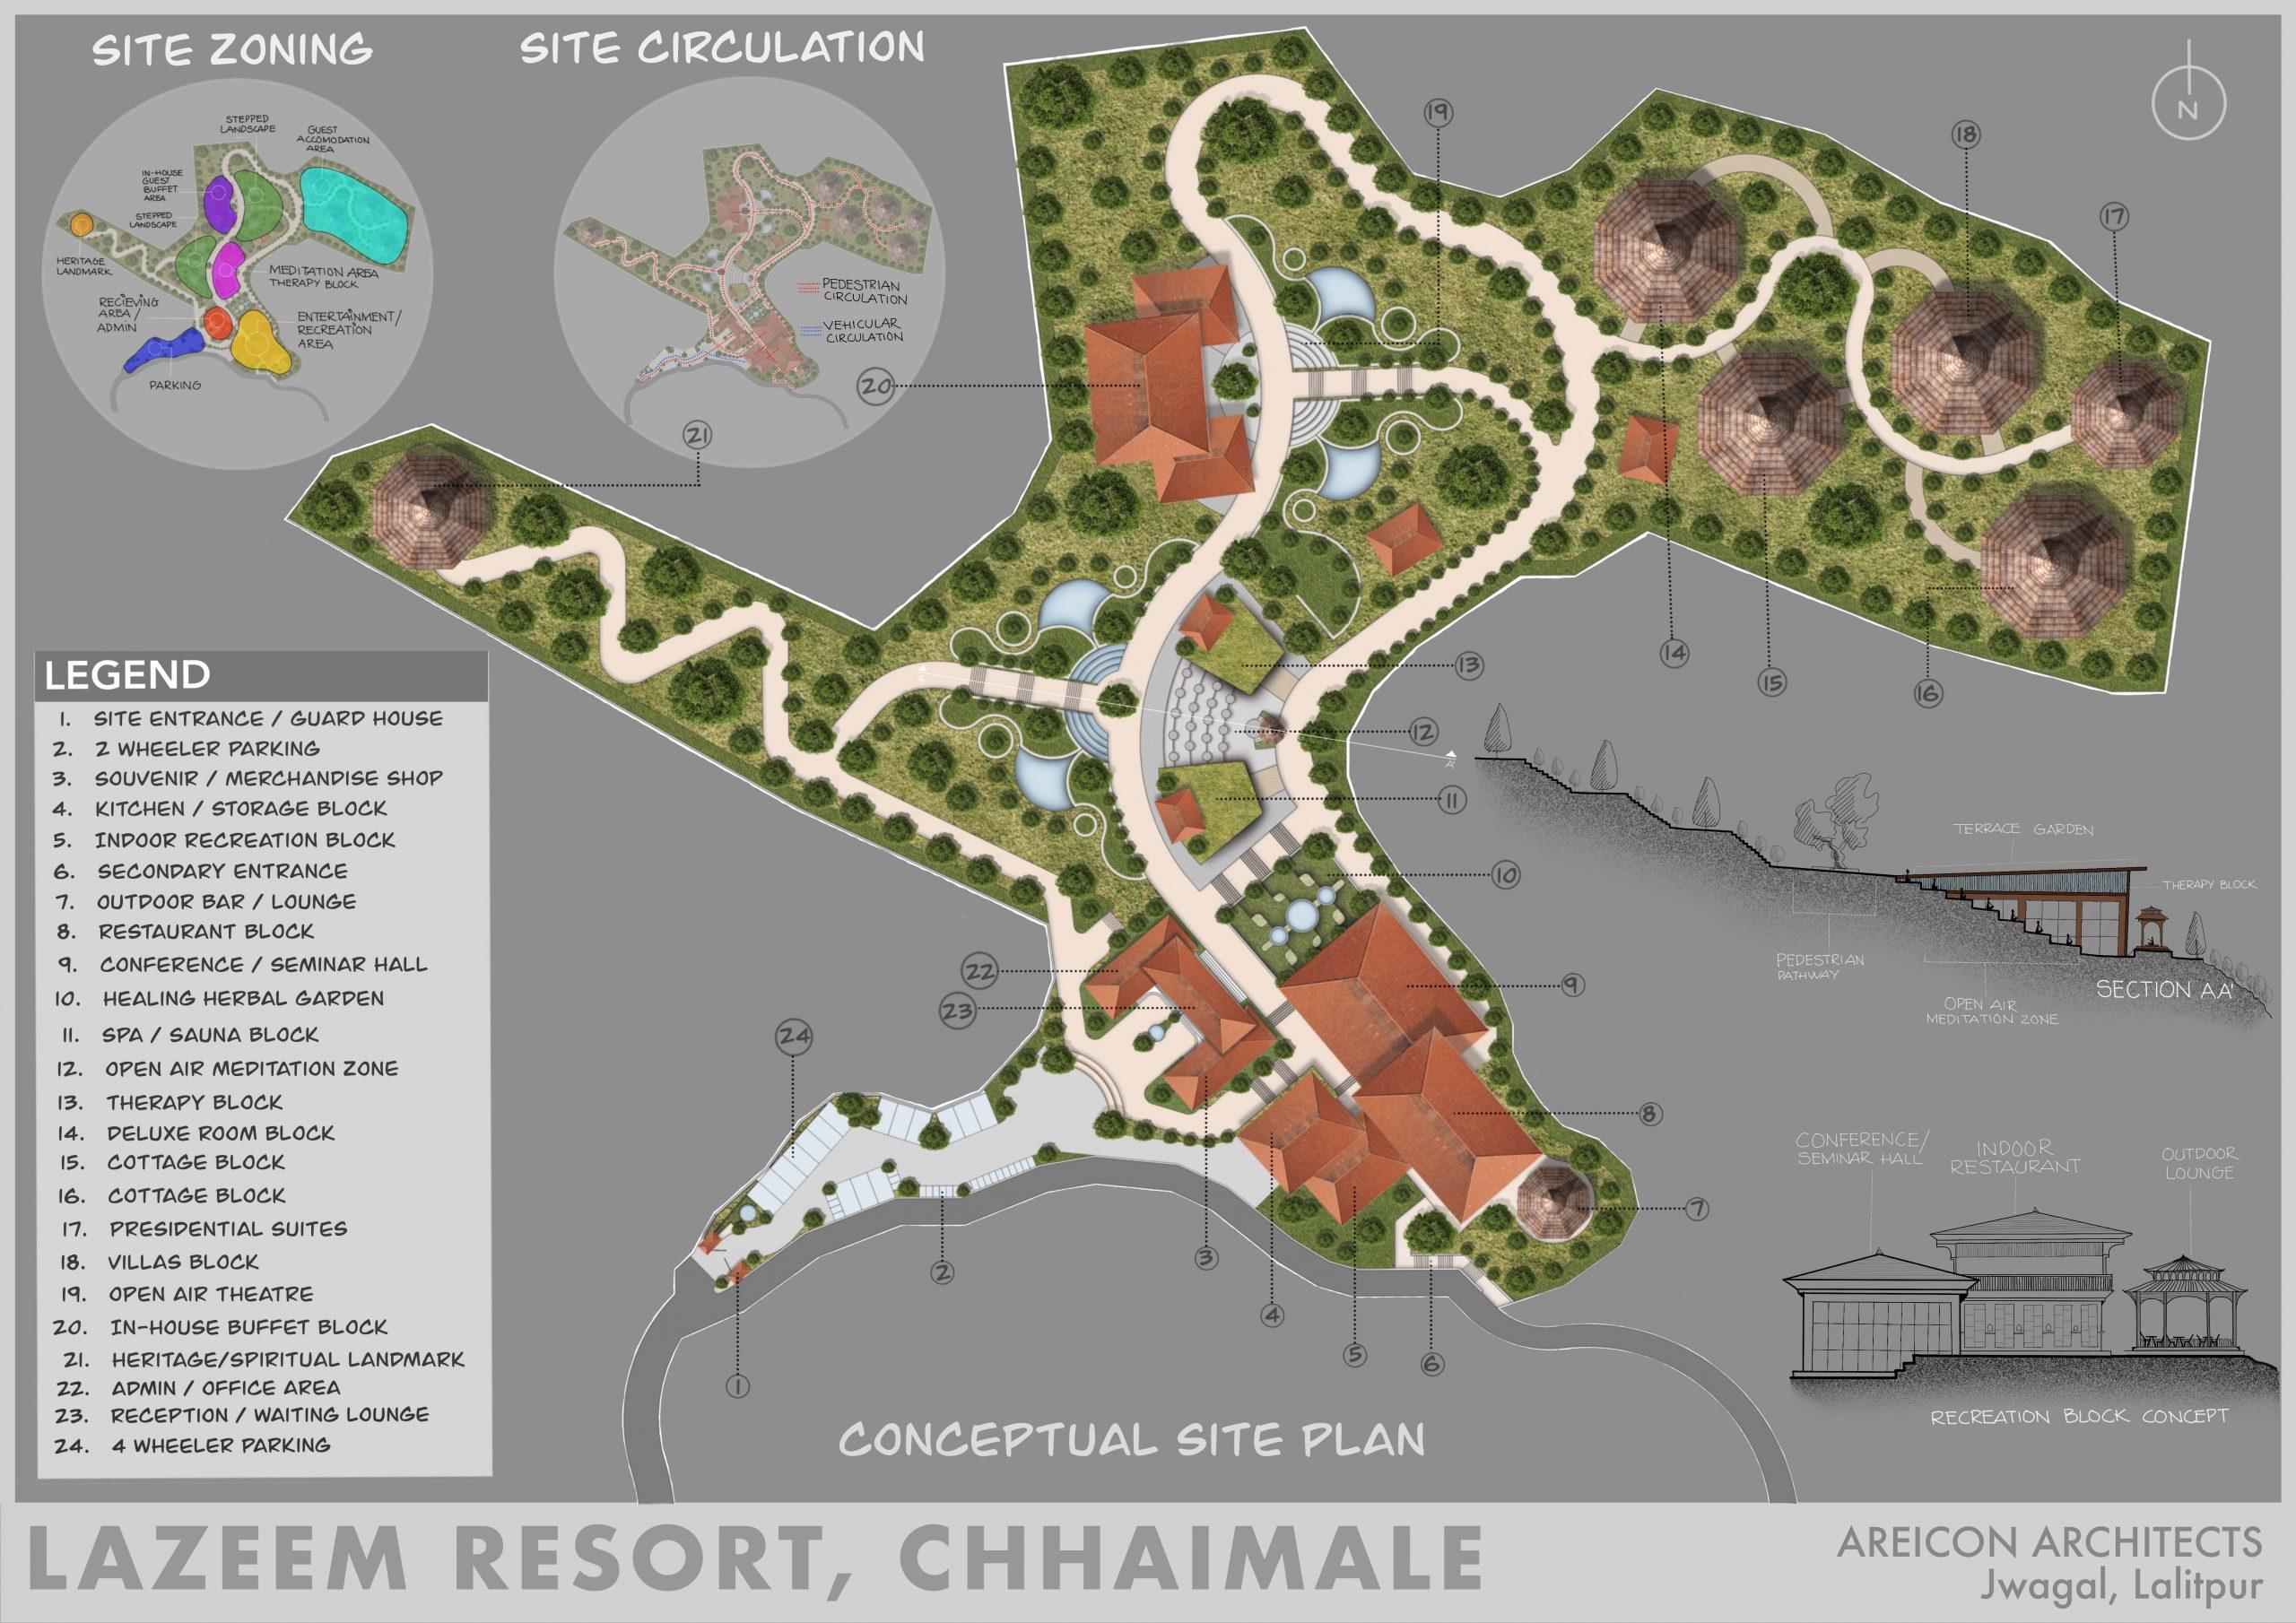 Lazeem Resort, Chhaimale